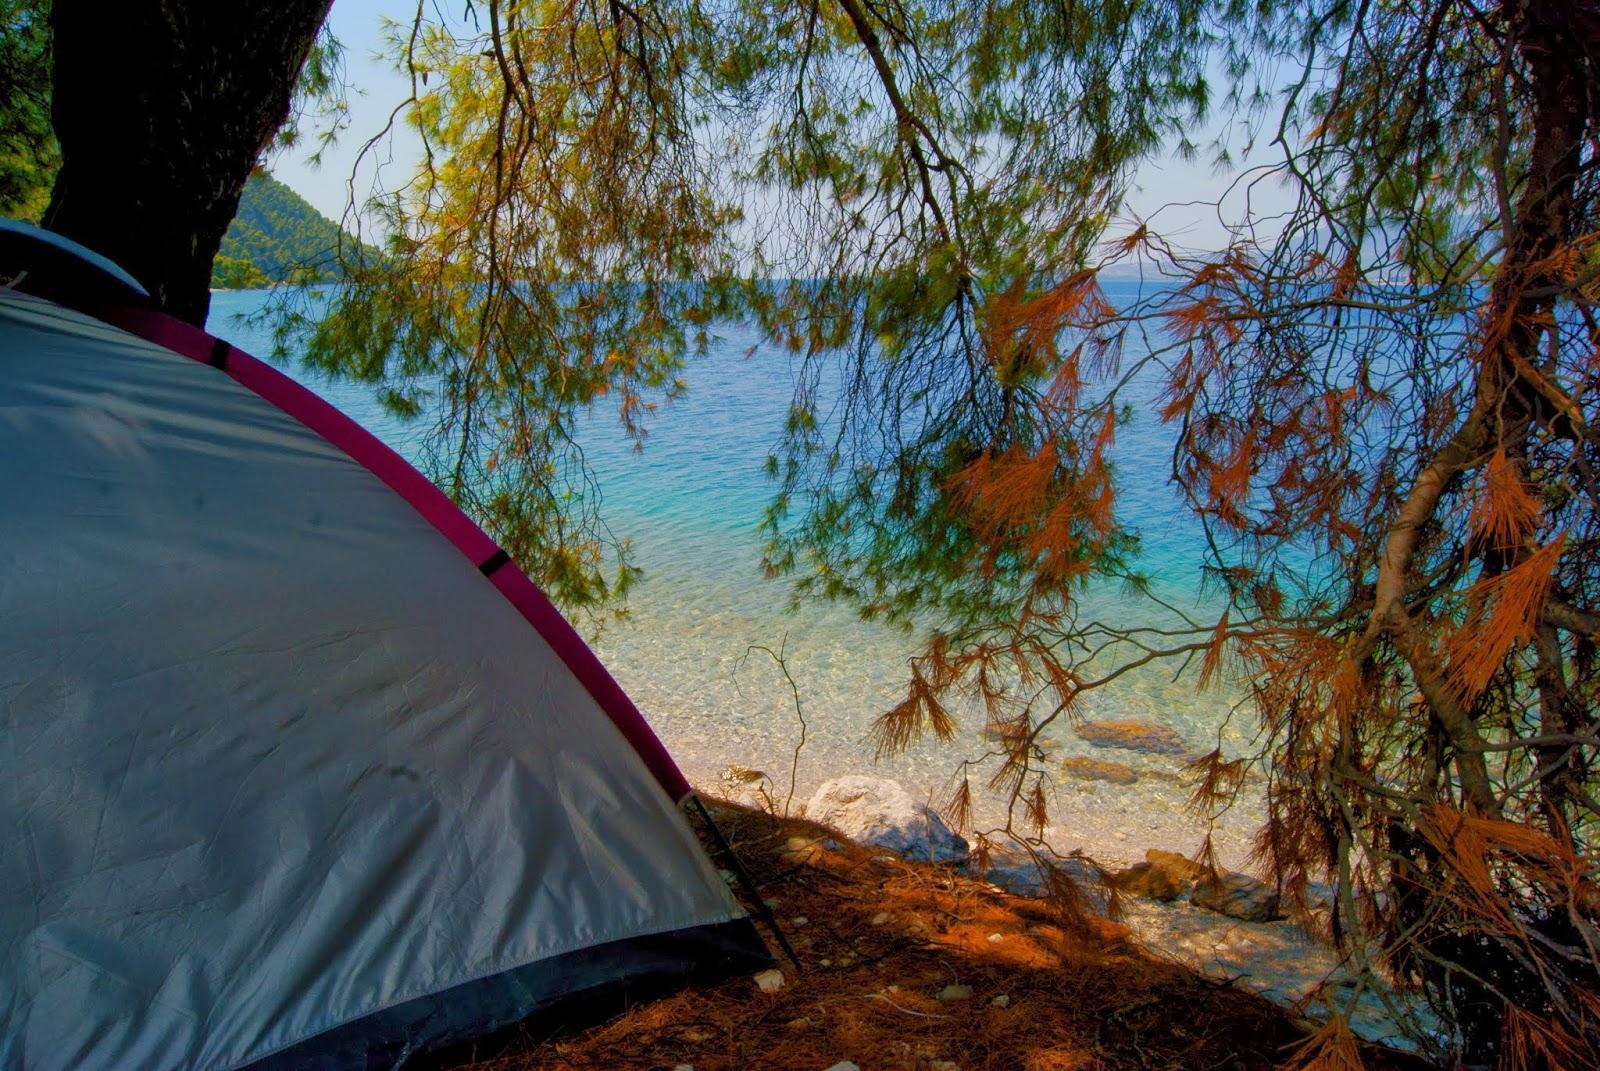 Λίγα λόγια για το ελεύθερο camping